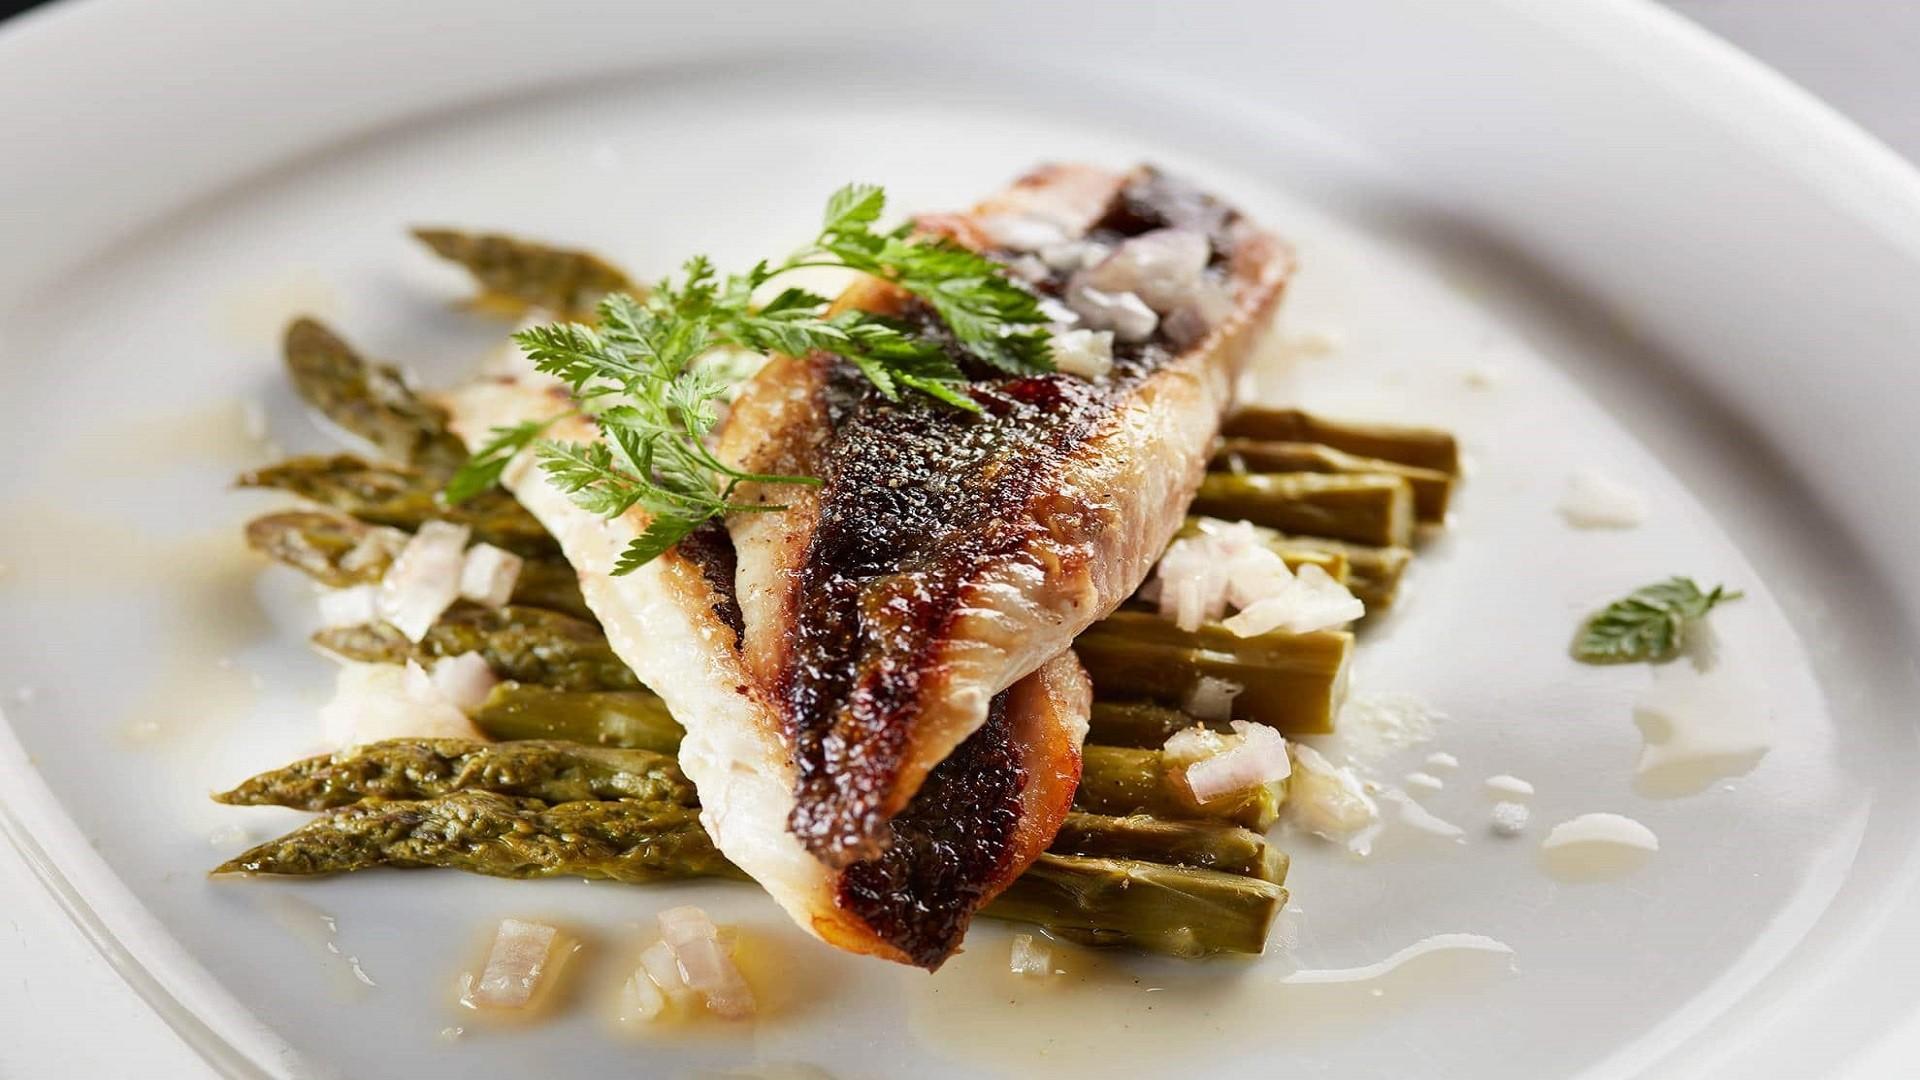 Clos-Syrah-Valence-seminaires-de-caractere-restaurant gastronomique